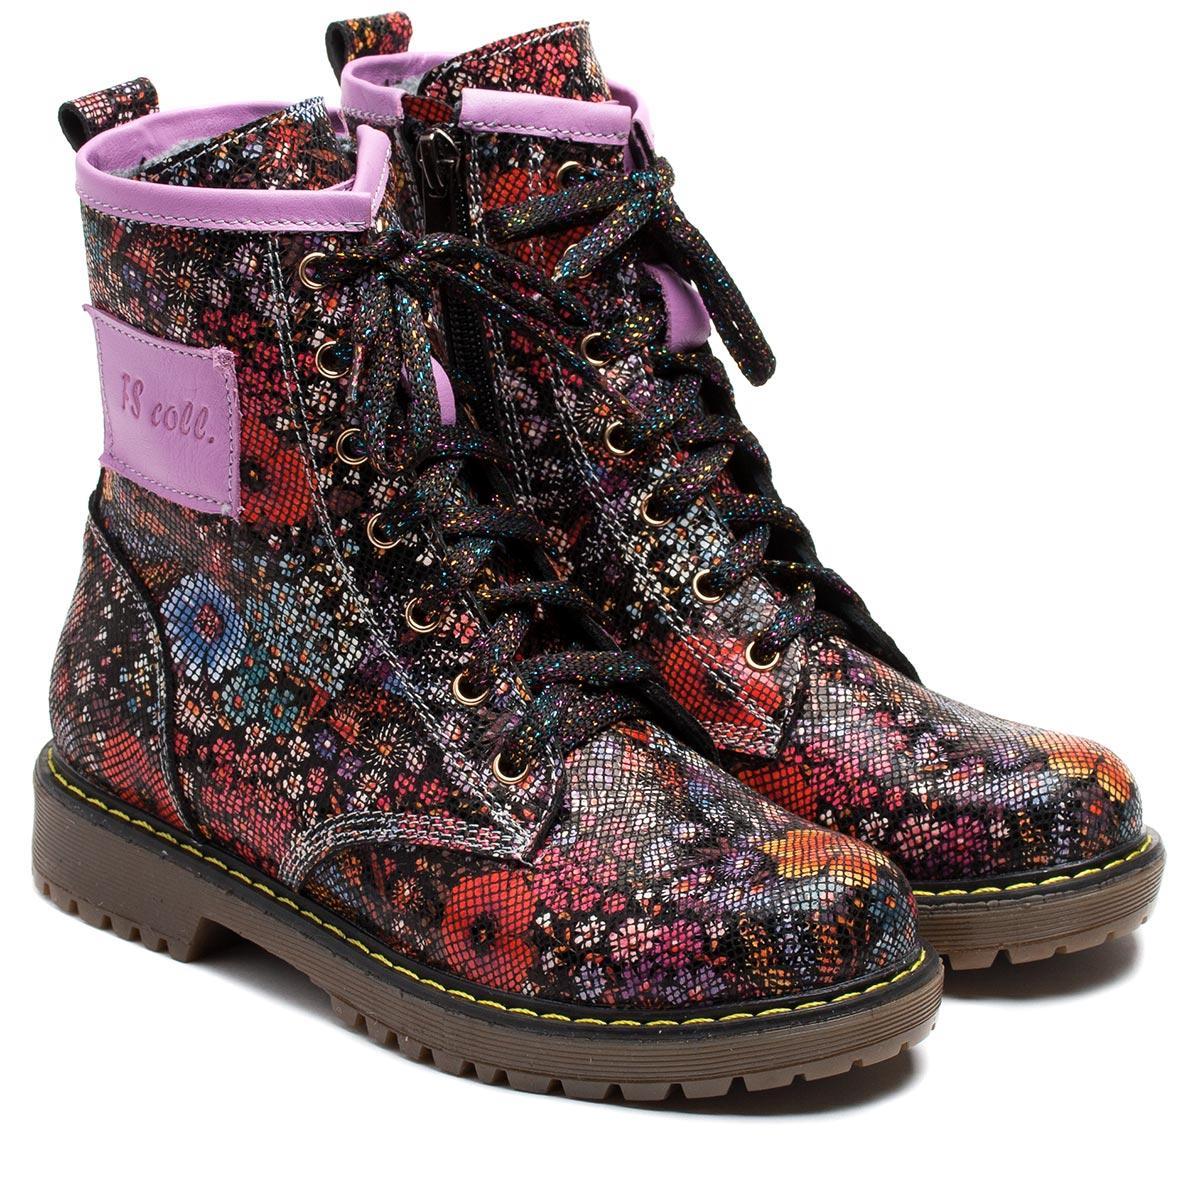 Кожаные ортопедические ботинки FS Сollection для девочки, демисезонные, размер 26-36